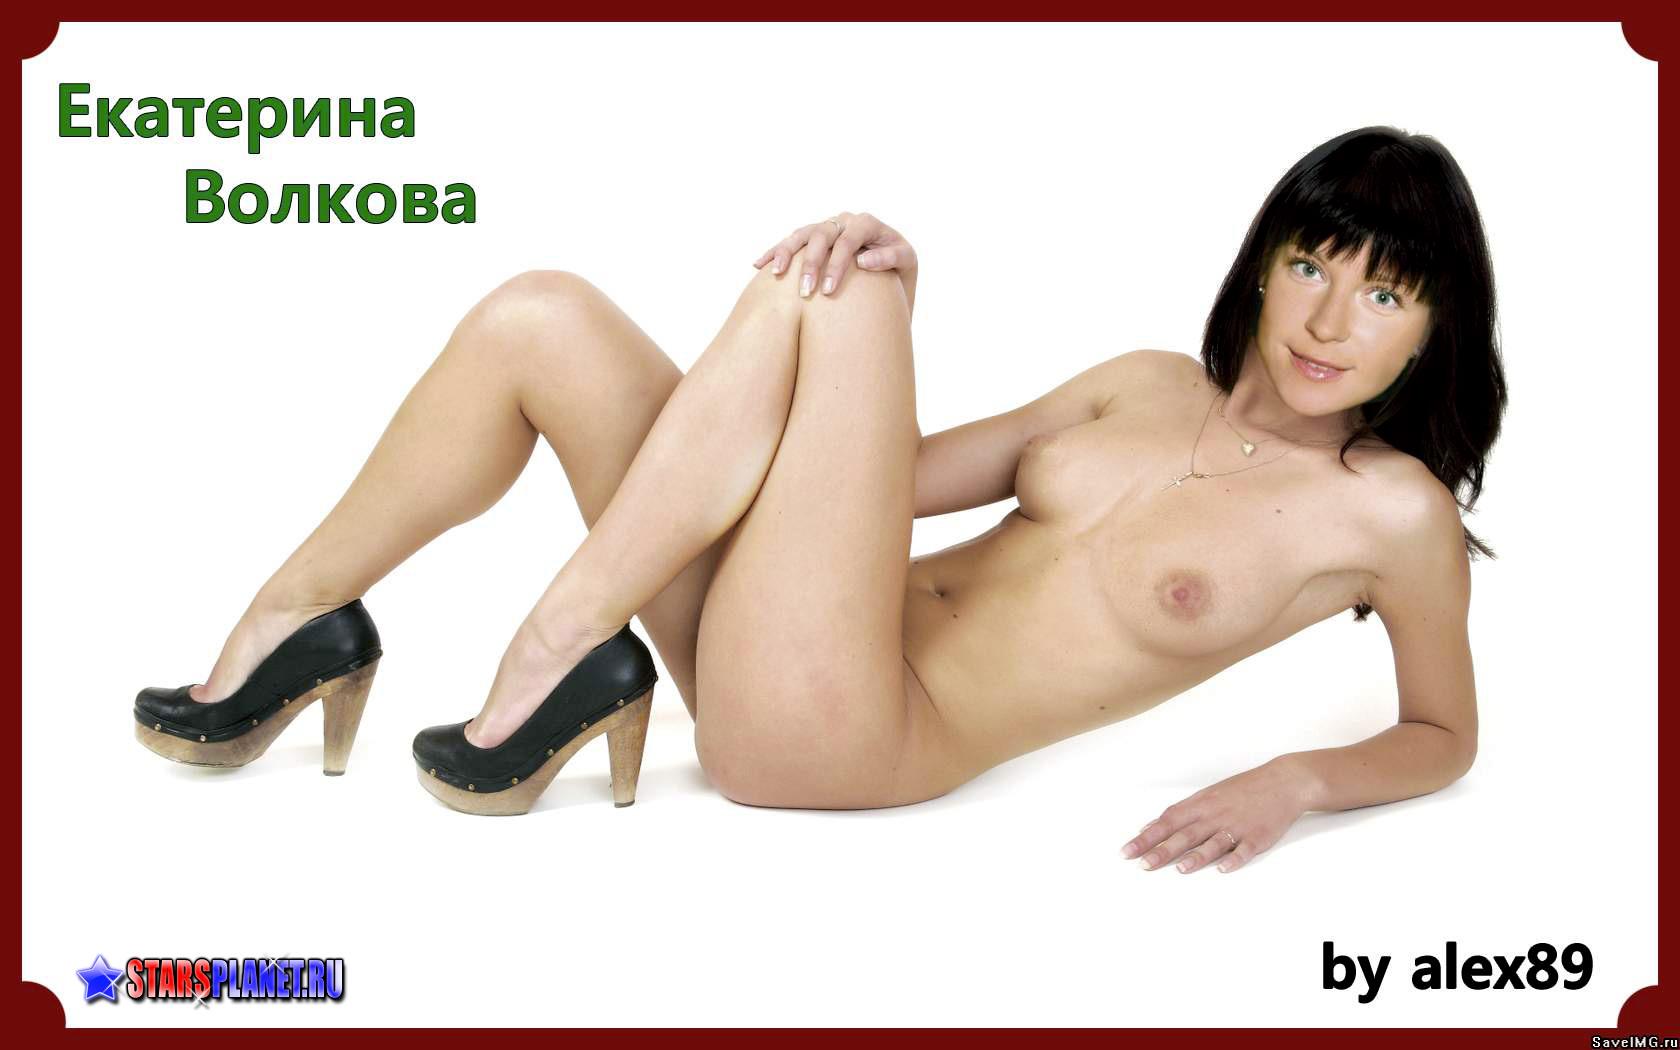 клон екатерины волковой снялась в порно фильме